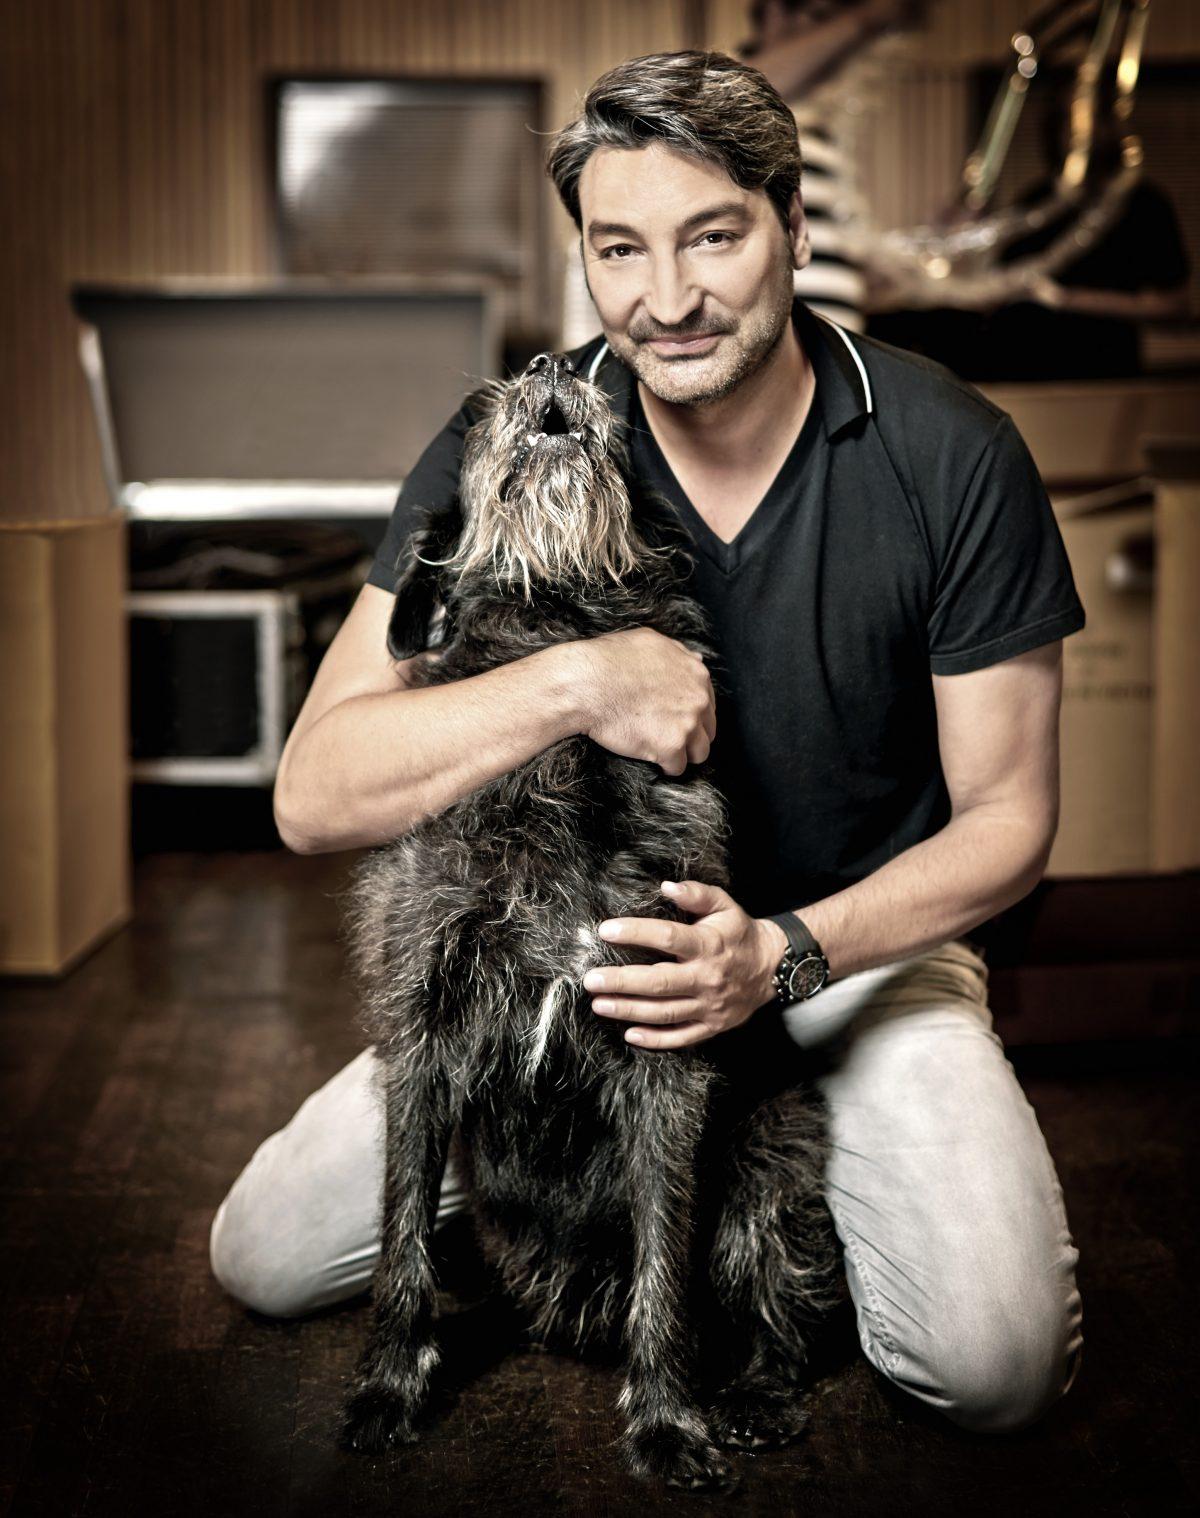 mousse-t-und-hund-nobu-für-charity-buch-prominent-mit-hund-foto-nikolaj-georgiew-www.misterspencer.de